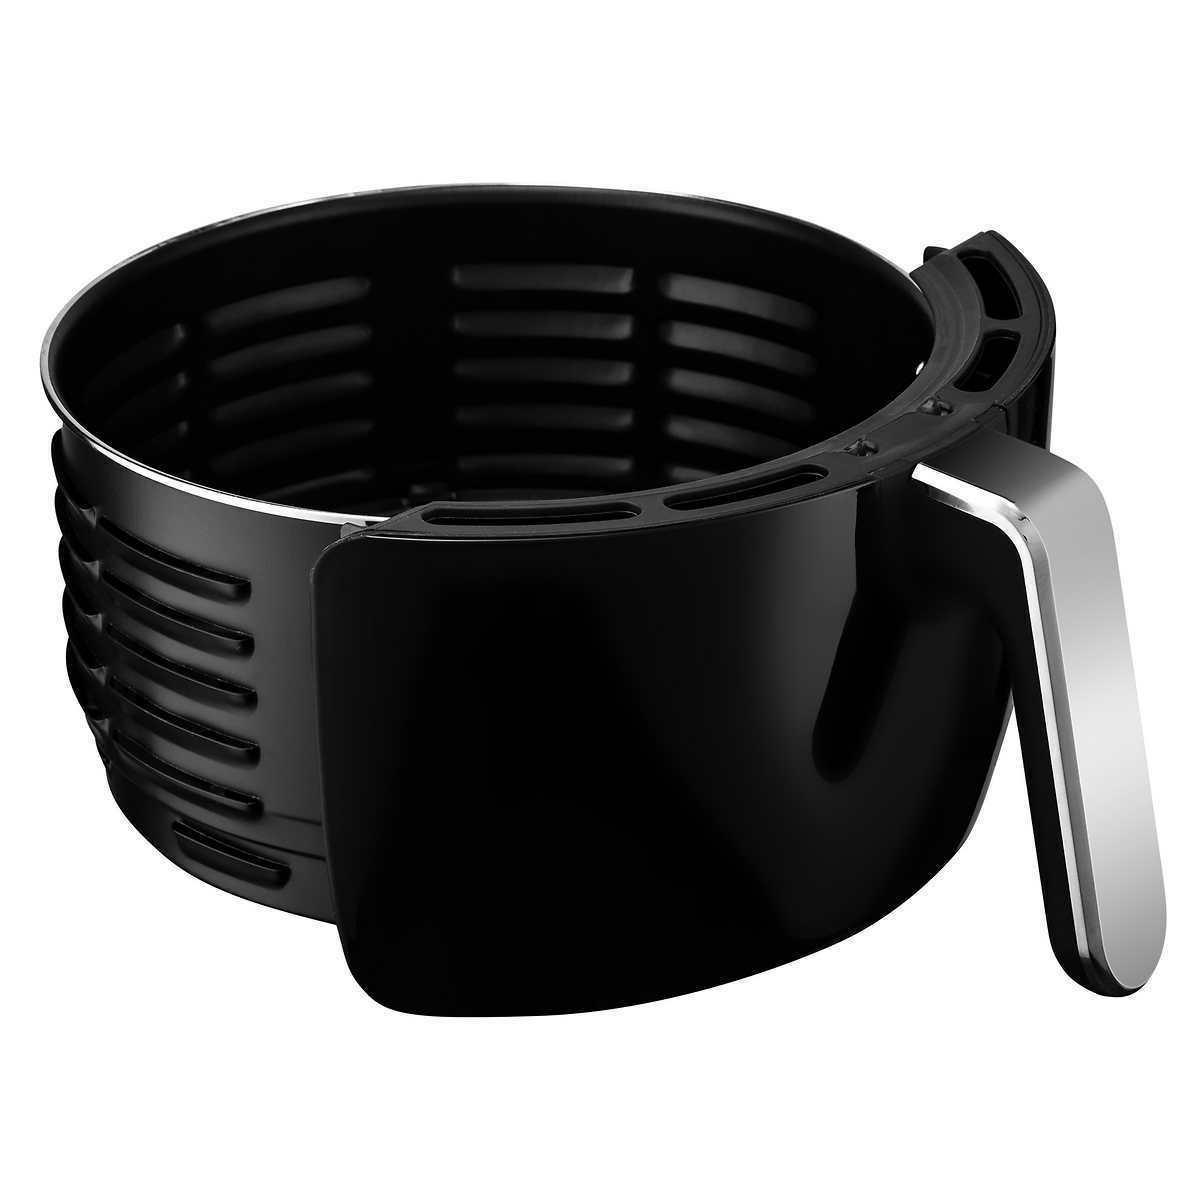 Digital Air Fryer 1500 - Open box